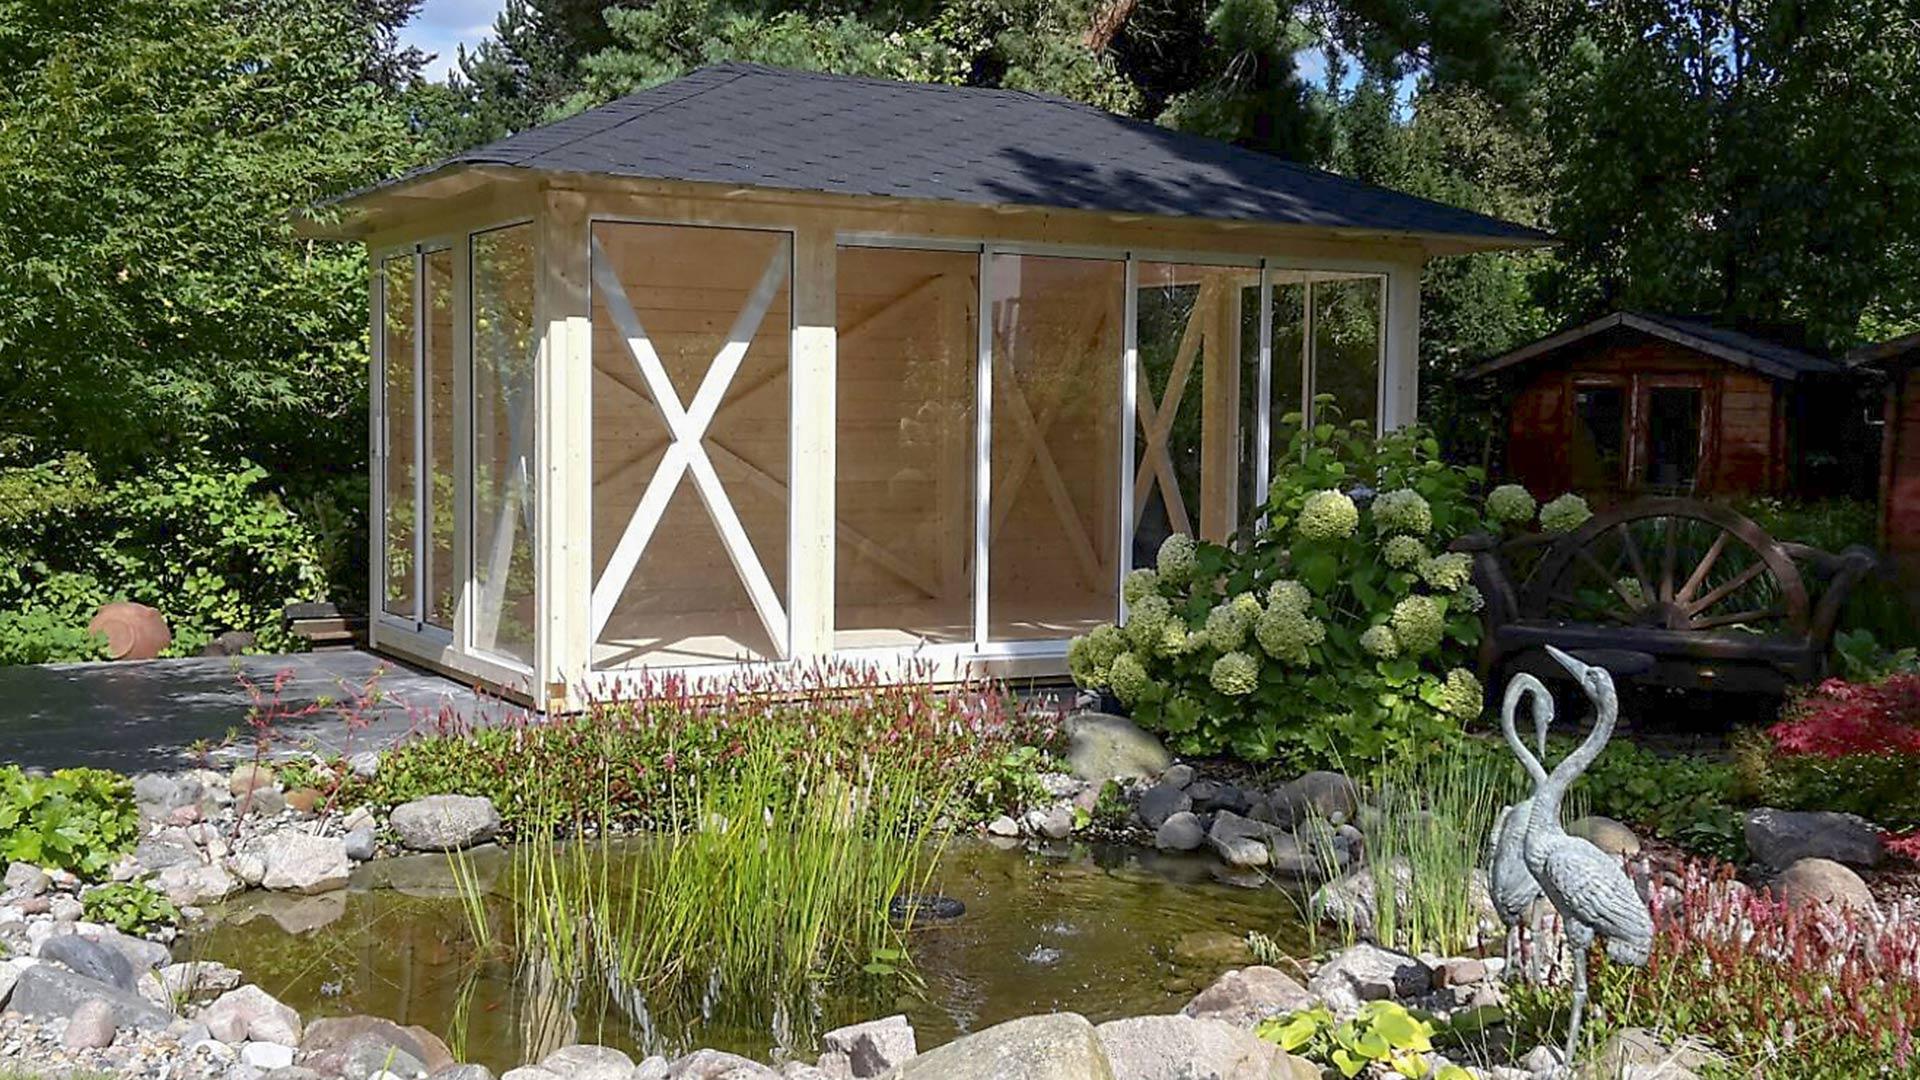 pavillon aus holz exklusive auswahl an gartenpavillions. Black Bedroom Furniture Sets. Home Design Ideas